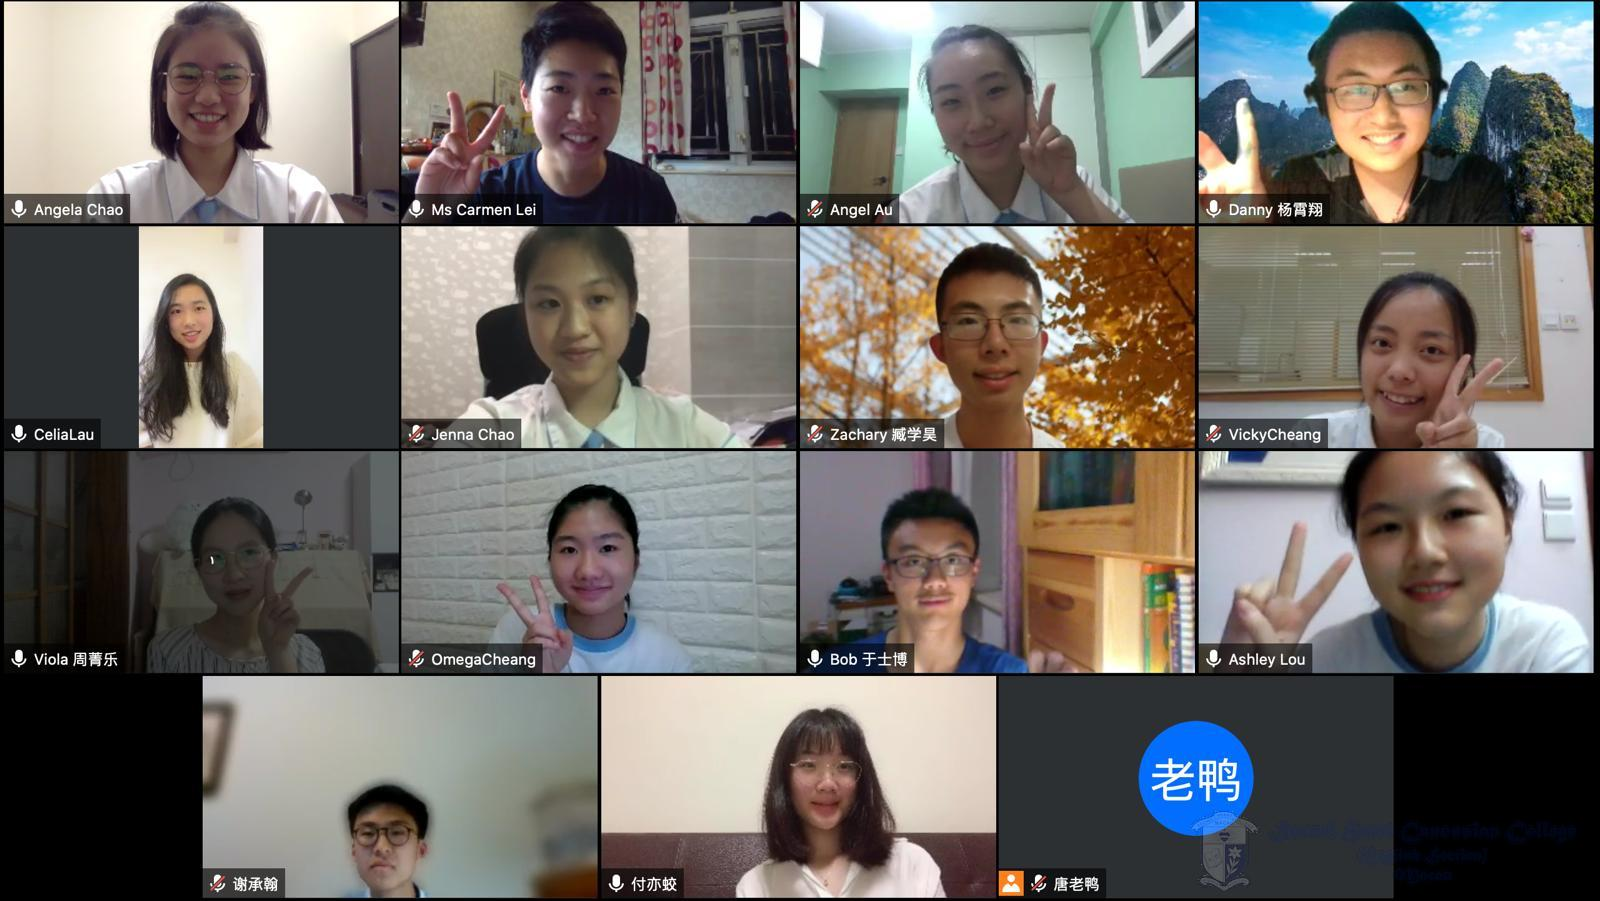 我校八位師生與上海華東師範大學第二附屬中學,在網絡上進行了一場親切而温馨的交流活動